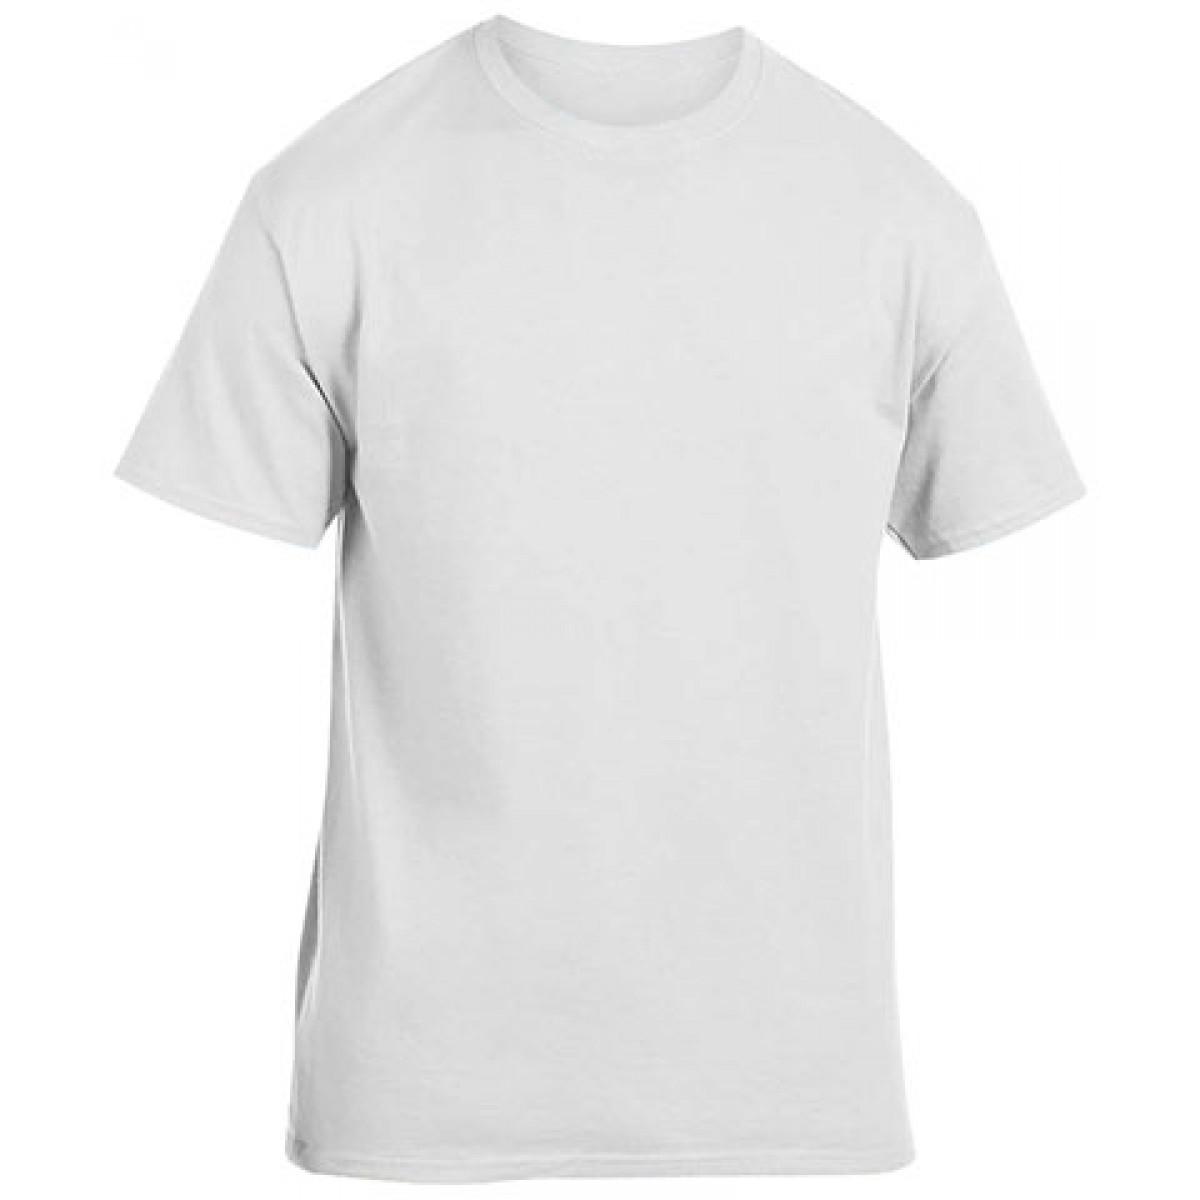 Heavy Cotton Activewear T-Shirt-White-L